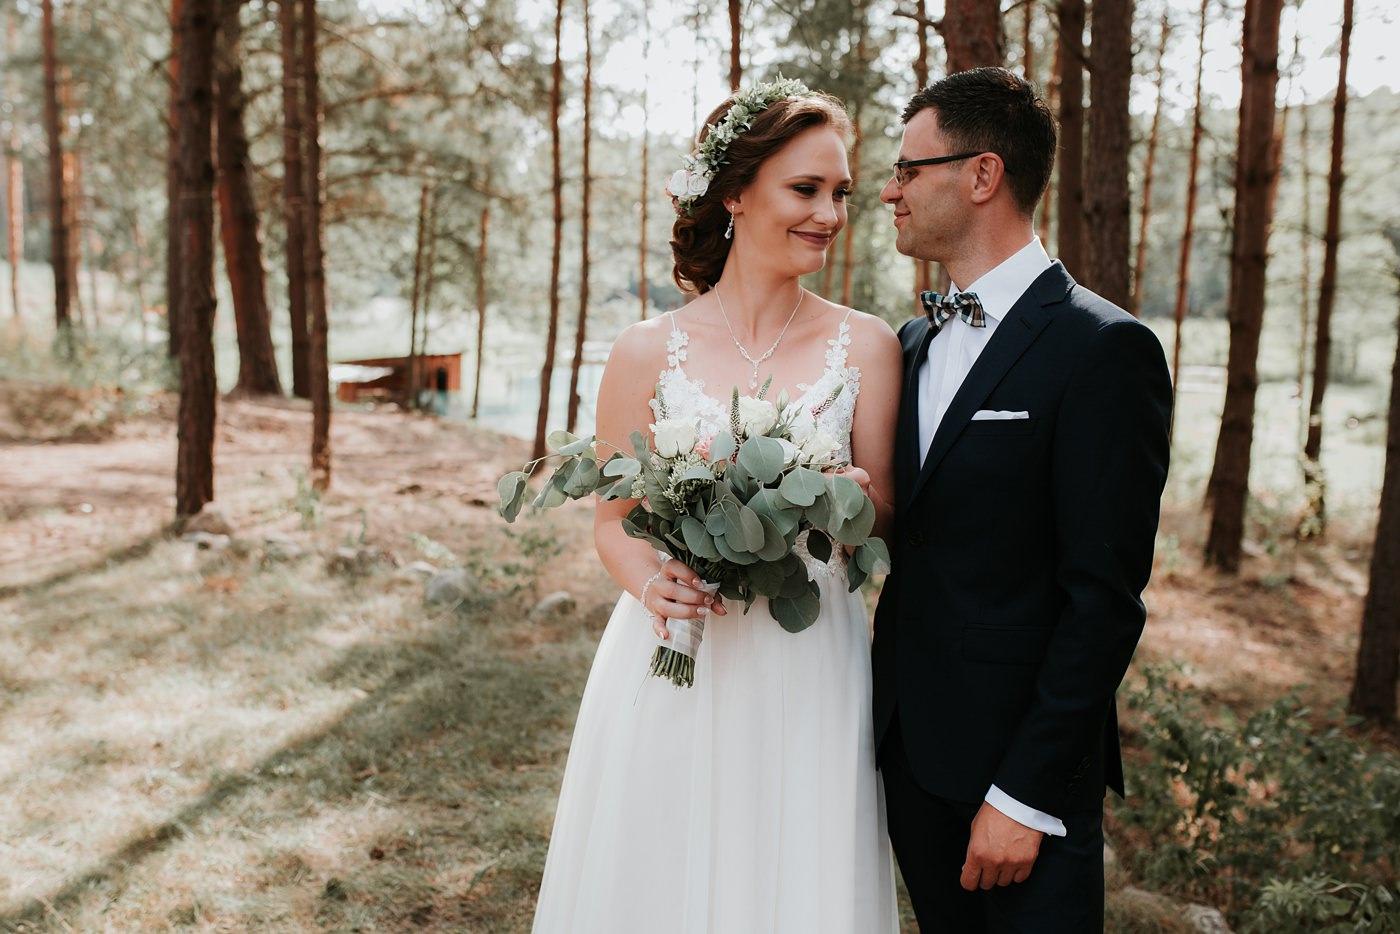 Anna & Wojtek - Ślub cywilny w plenerze - Barnówko w Sam Las 44